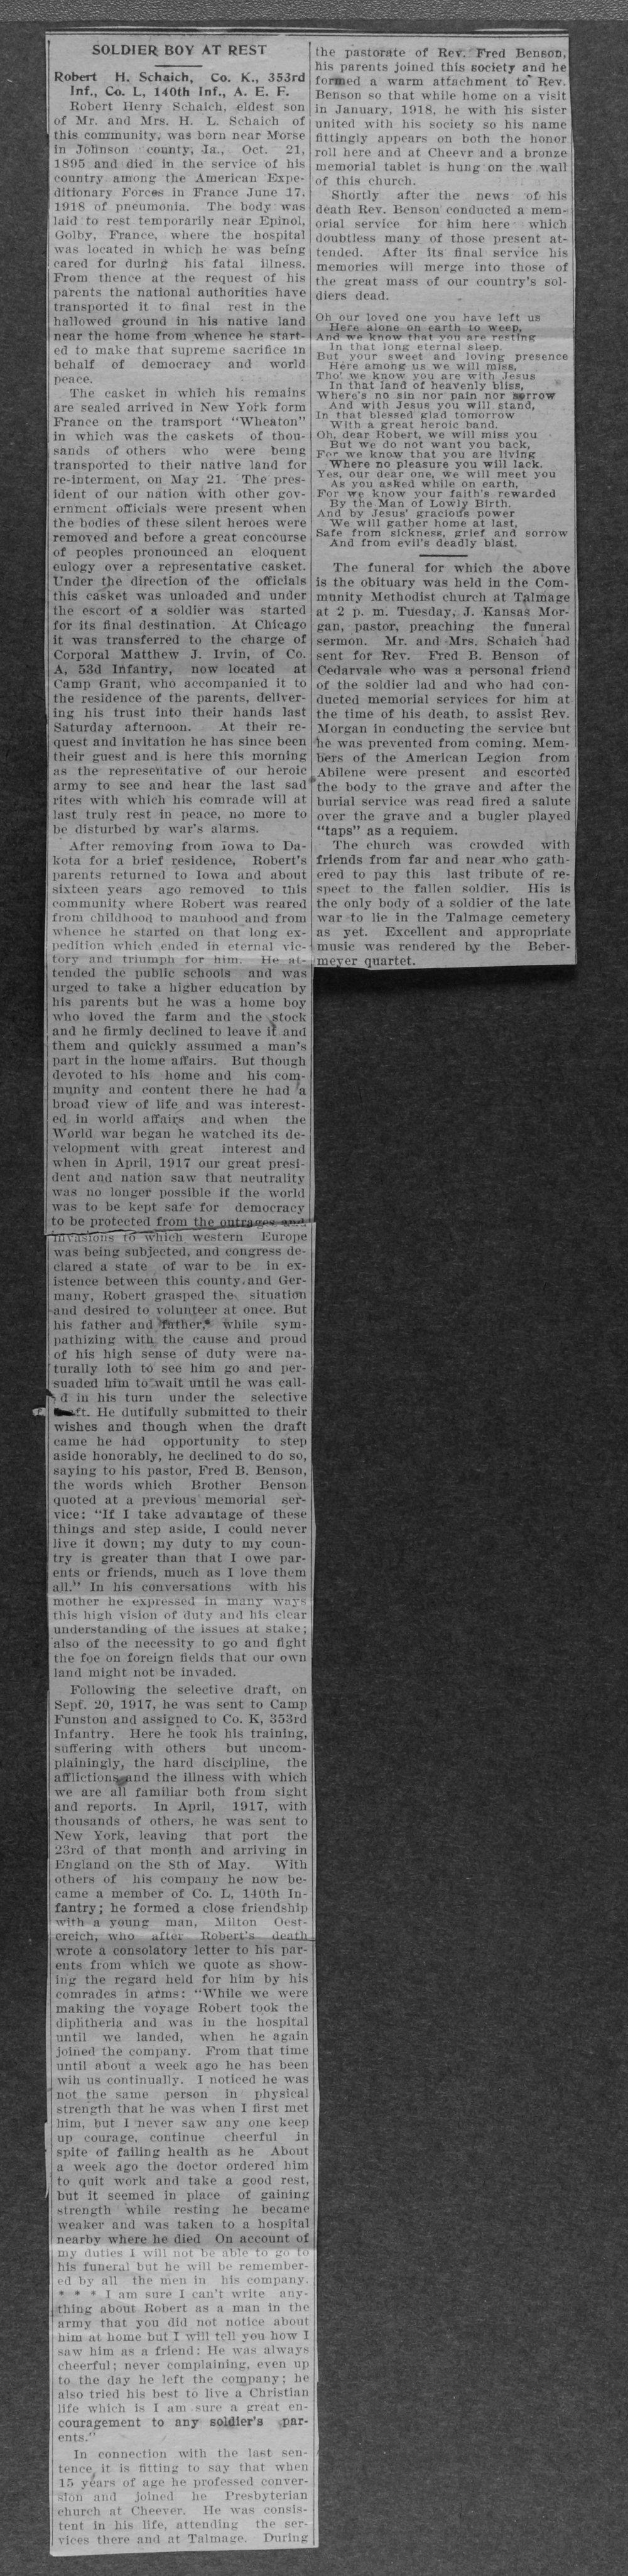 Robert Henry Schaich, World War I soldier - 6